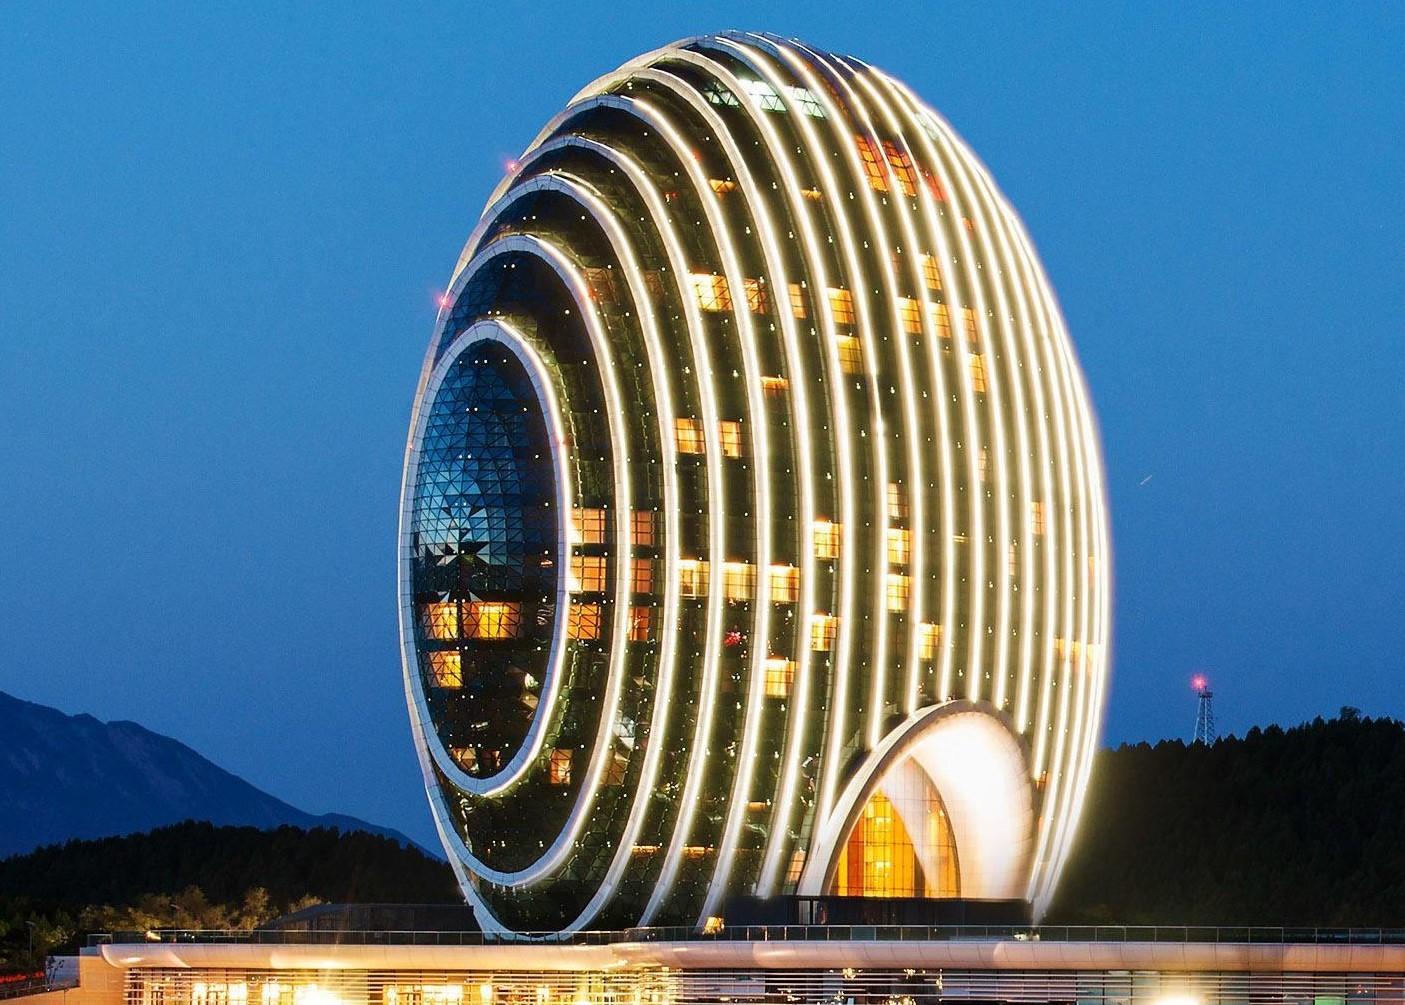 景观照明设计和城市亮化工程如何合理减少光污染-3